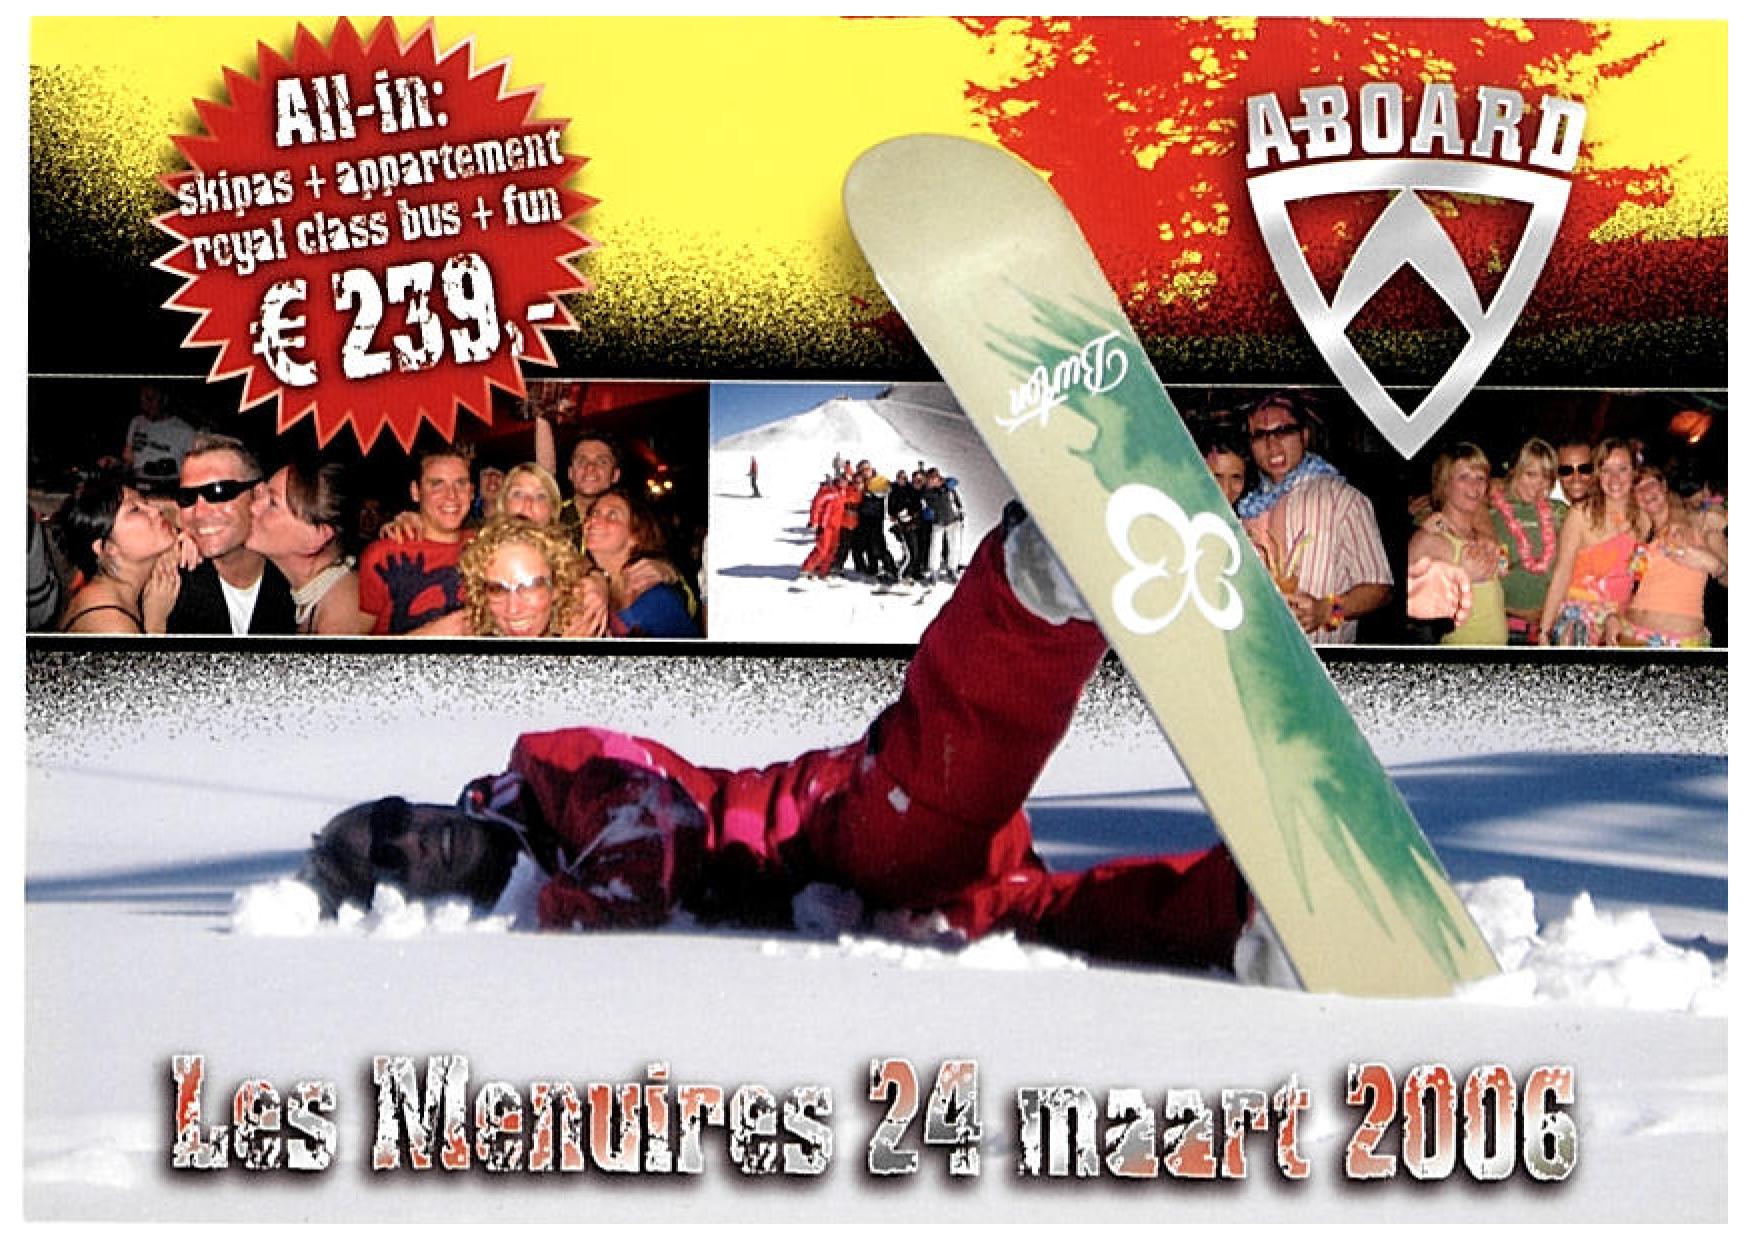 Les Menuires 2006